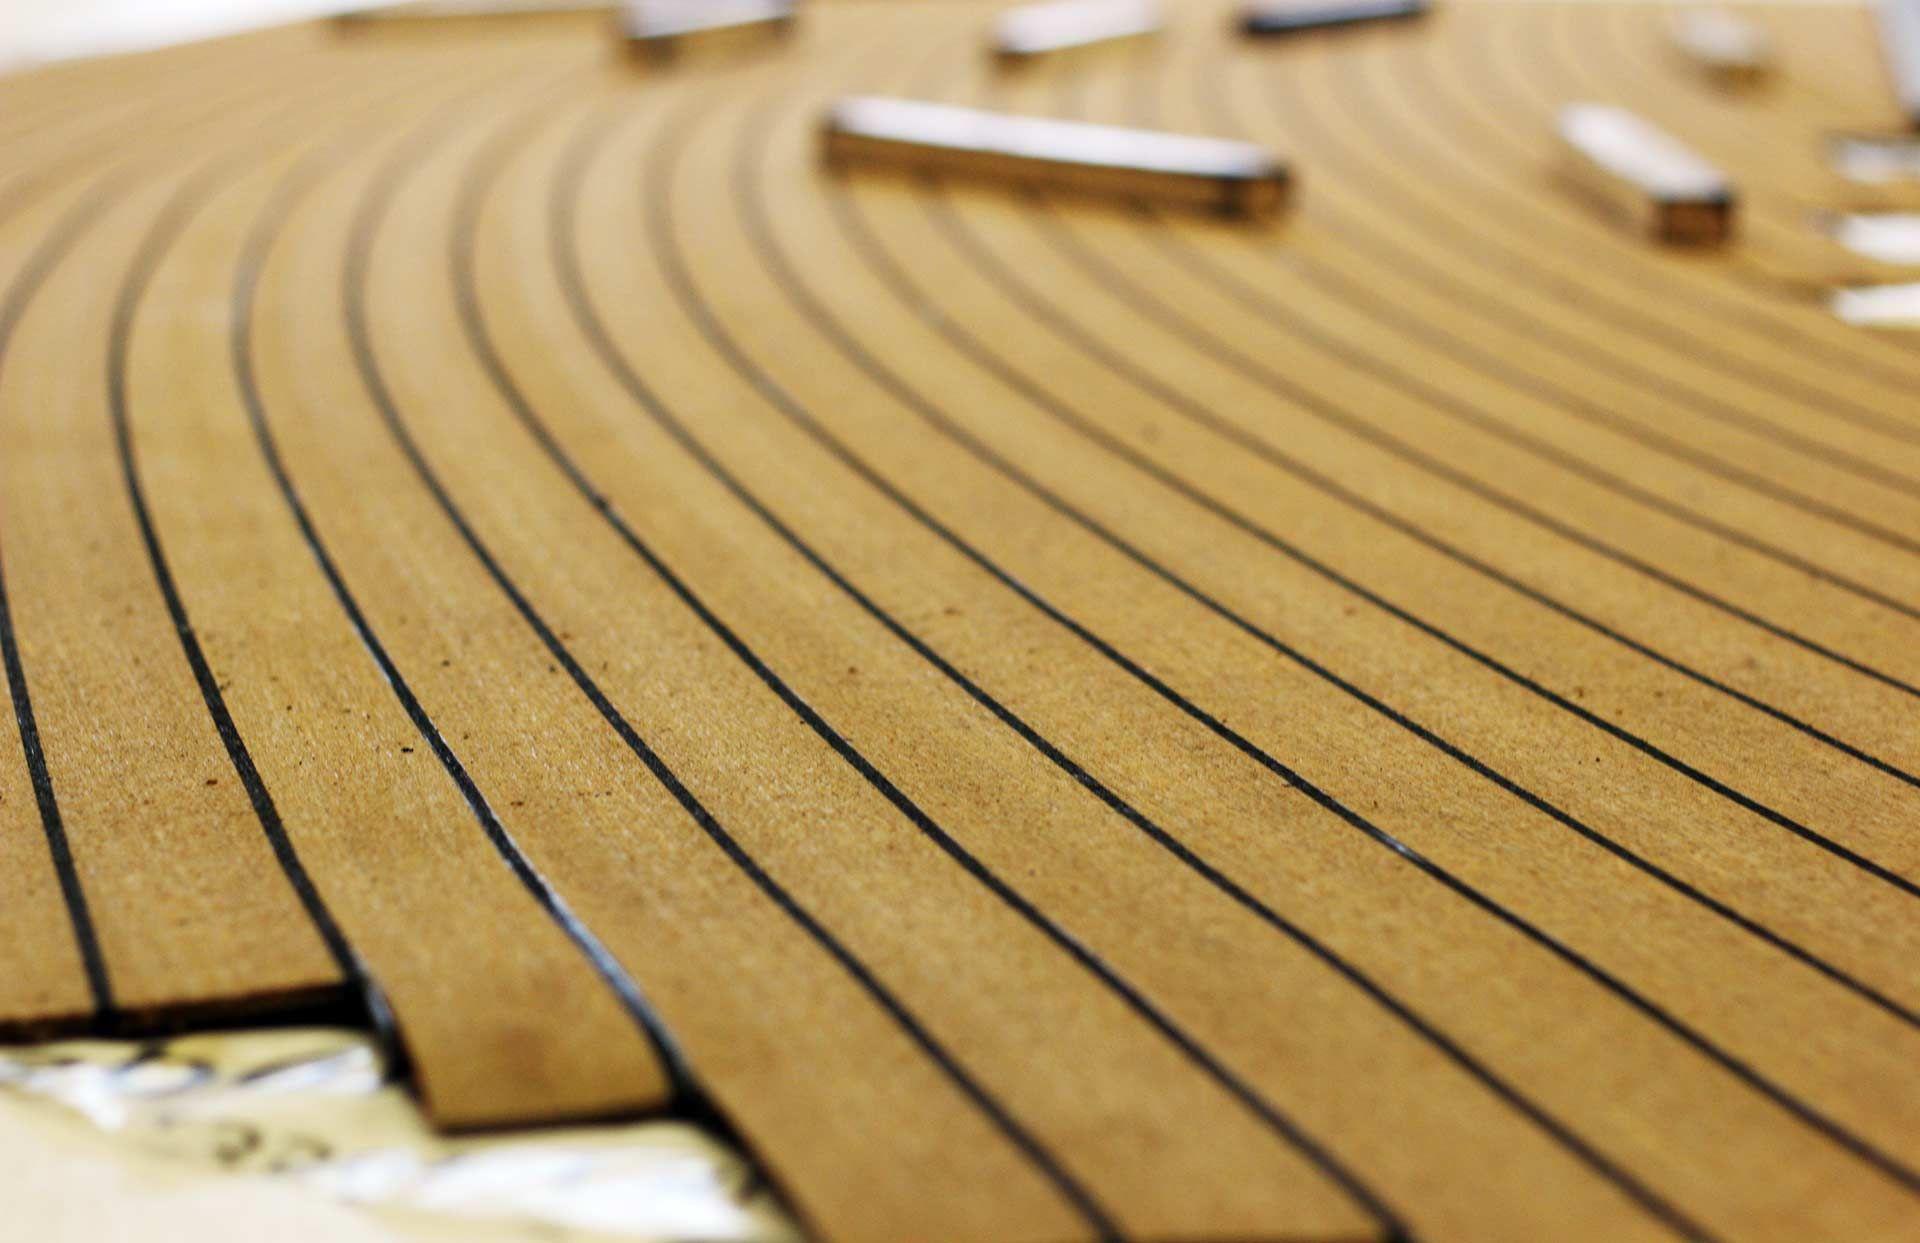 Vinyl Imitation Teak Boat Decking, Bahrain Decking Imitation Teak For Boat